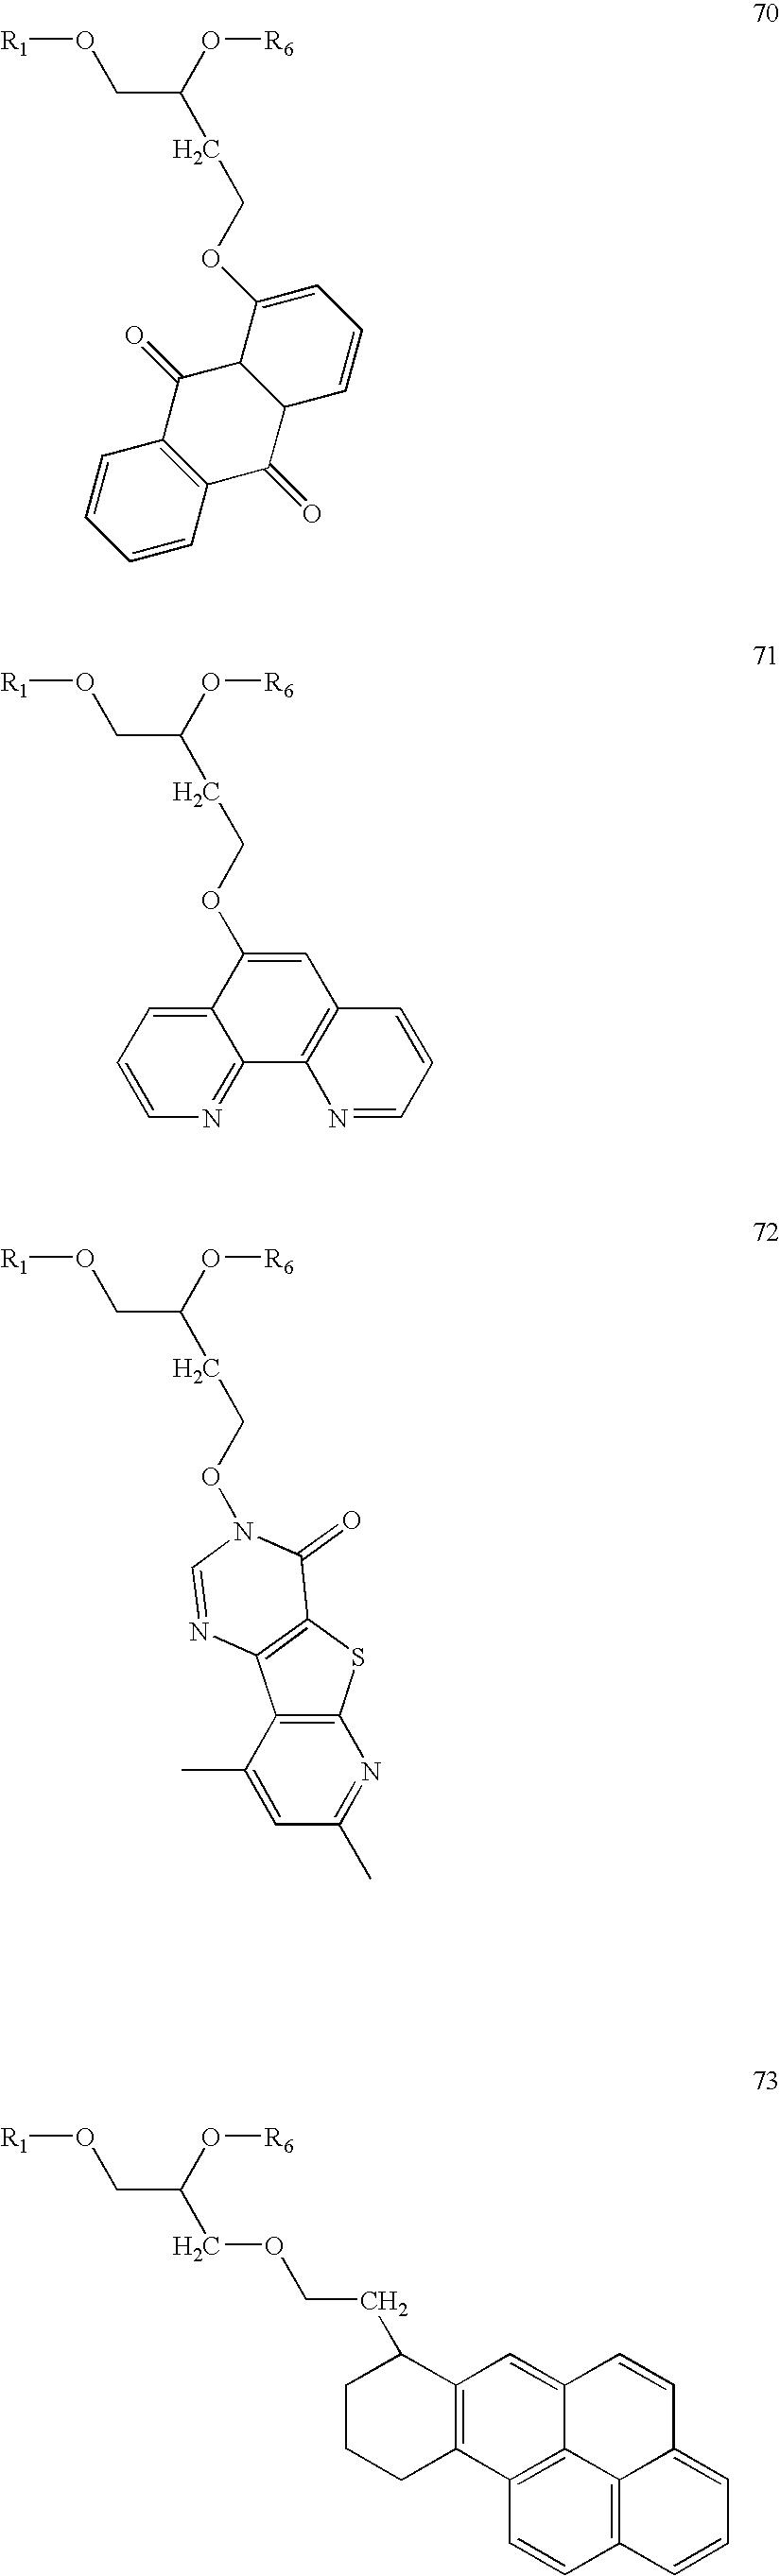 Figure US20060014144A1-20060119-C00102